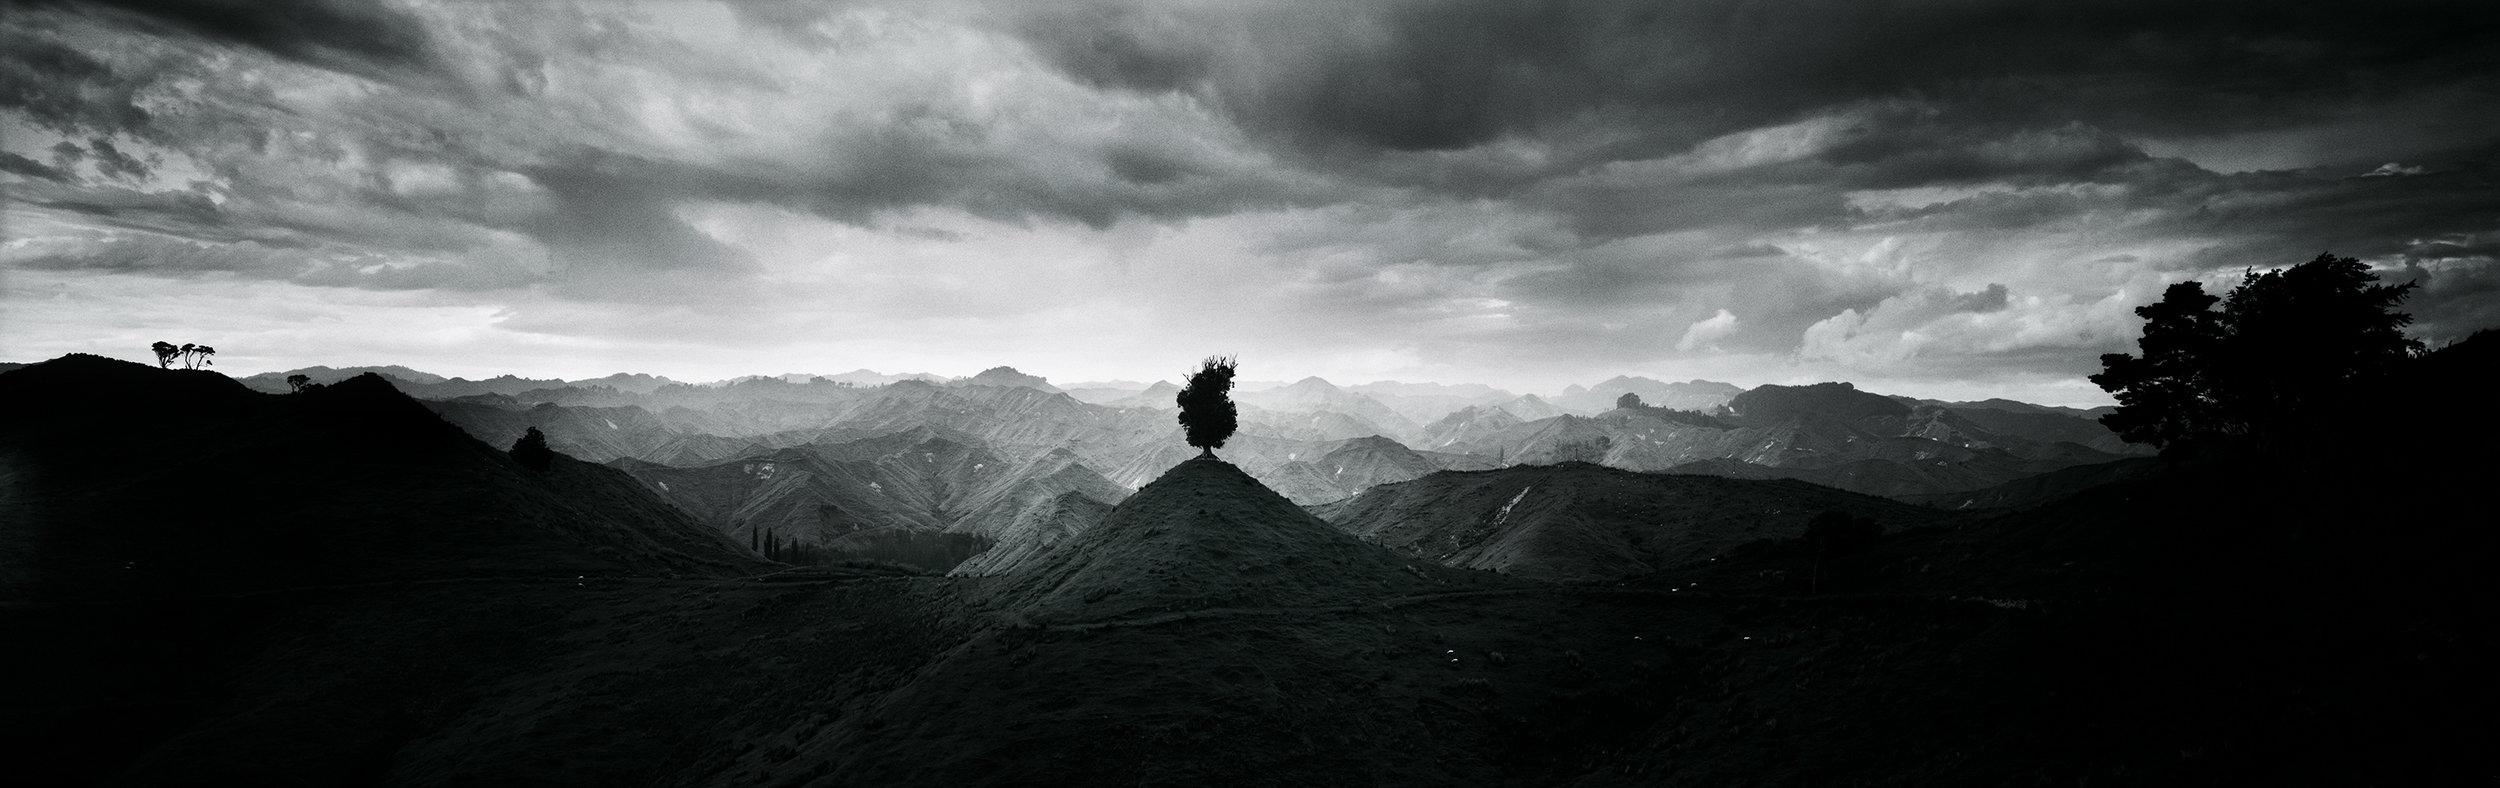 LONE TREE RATAHI.jpg